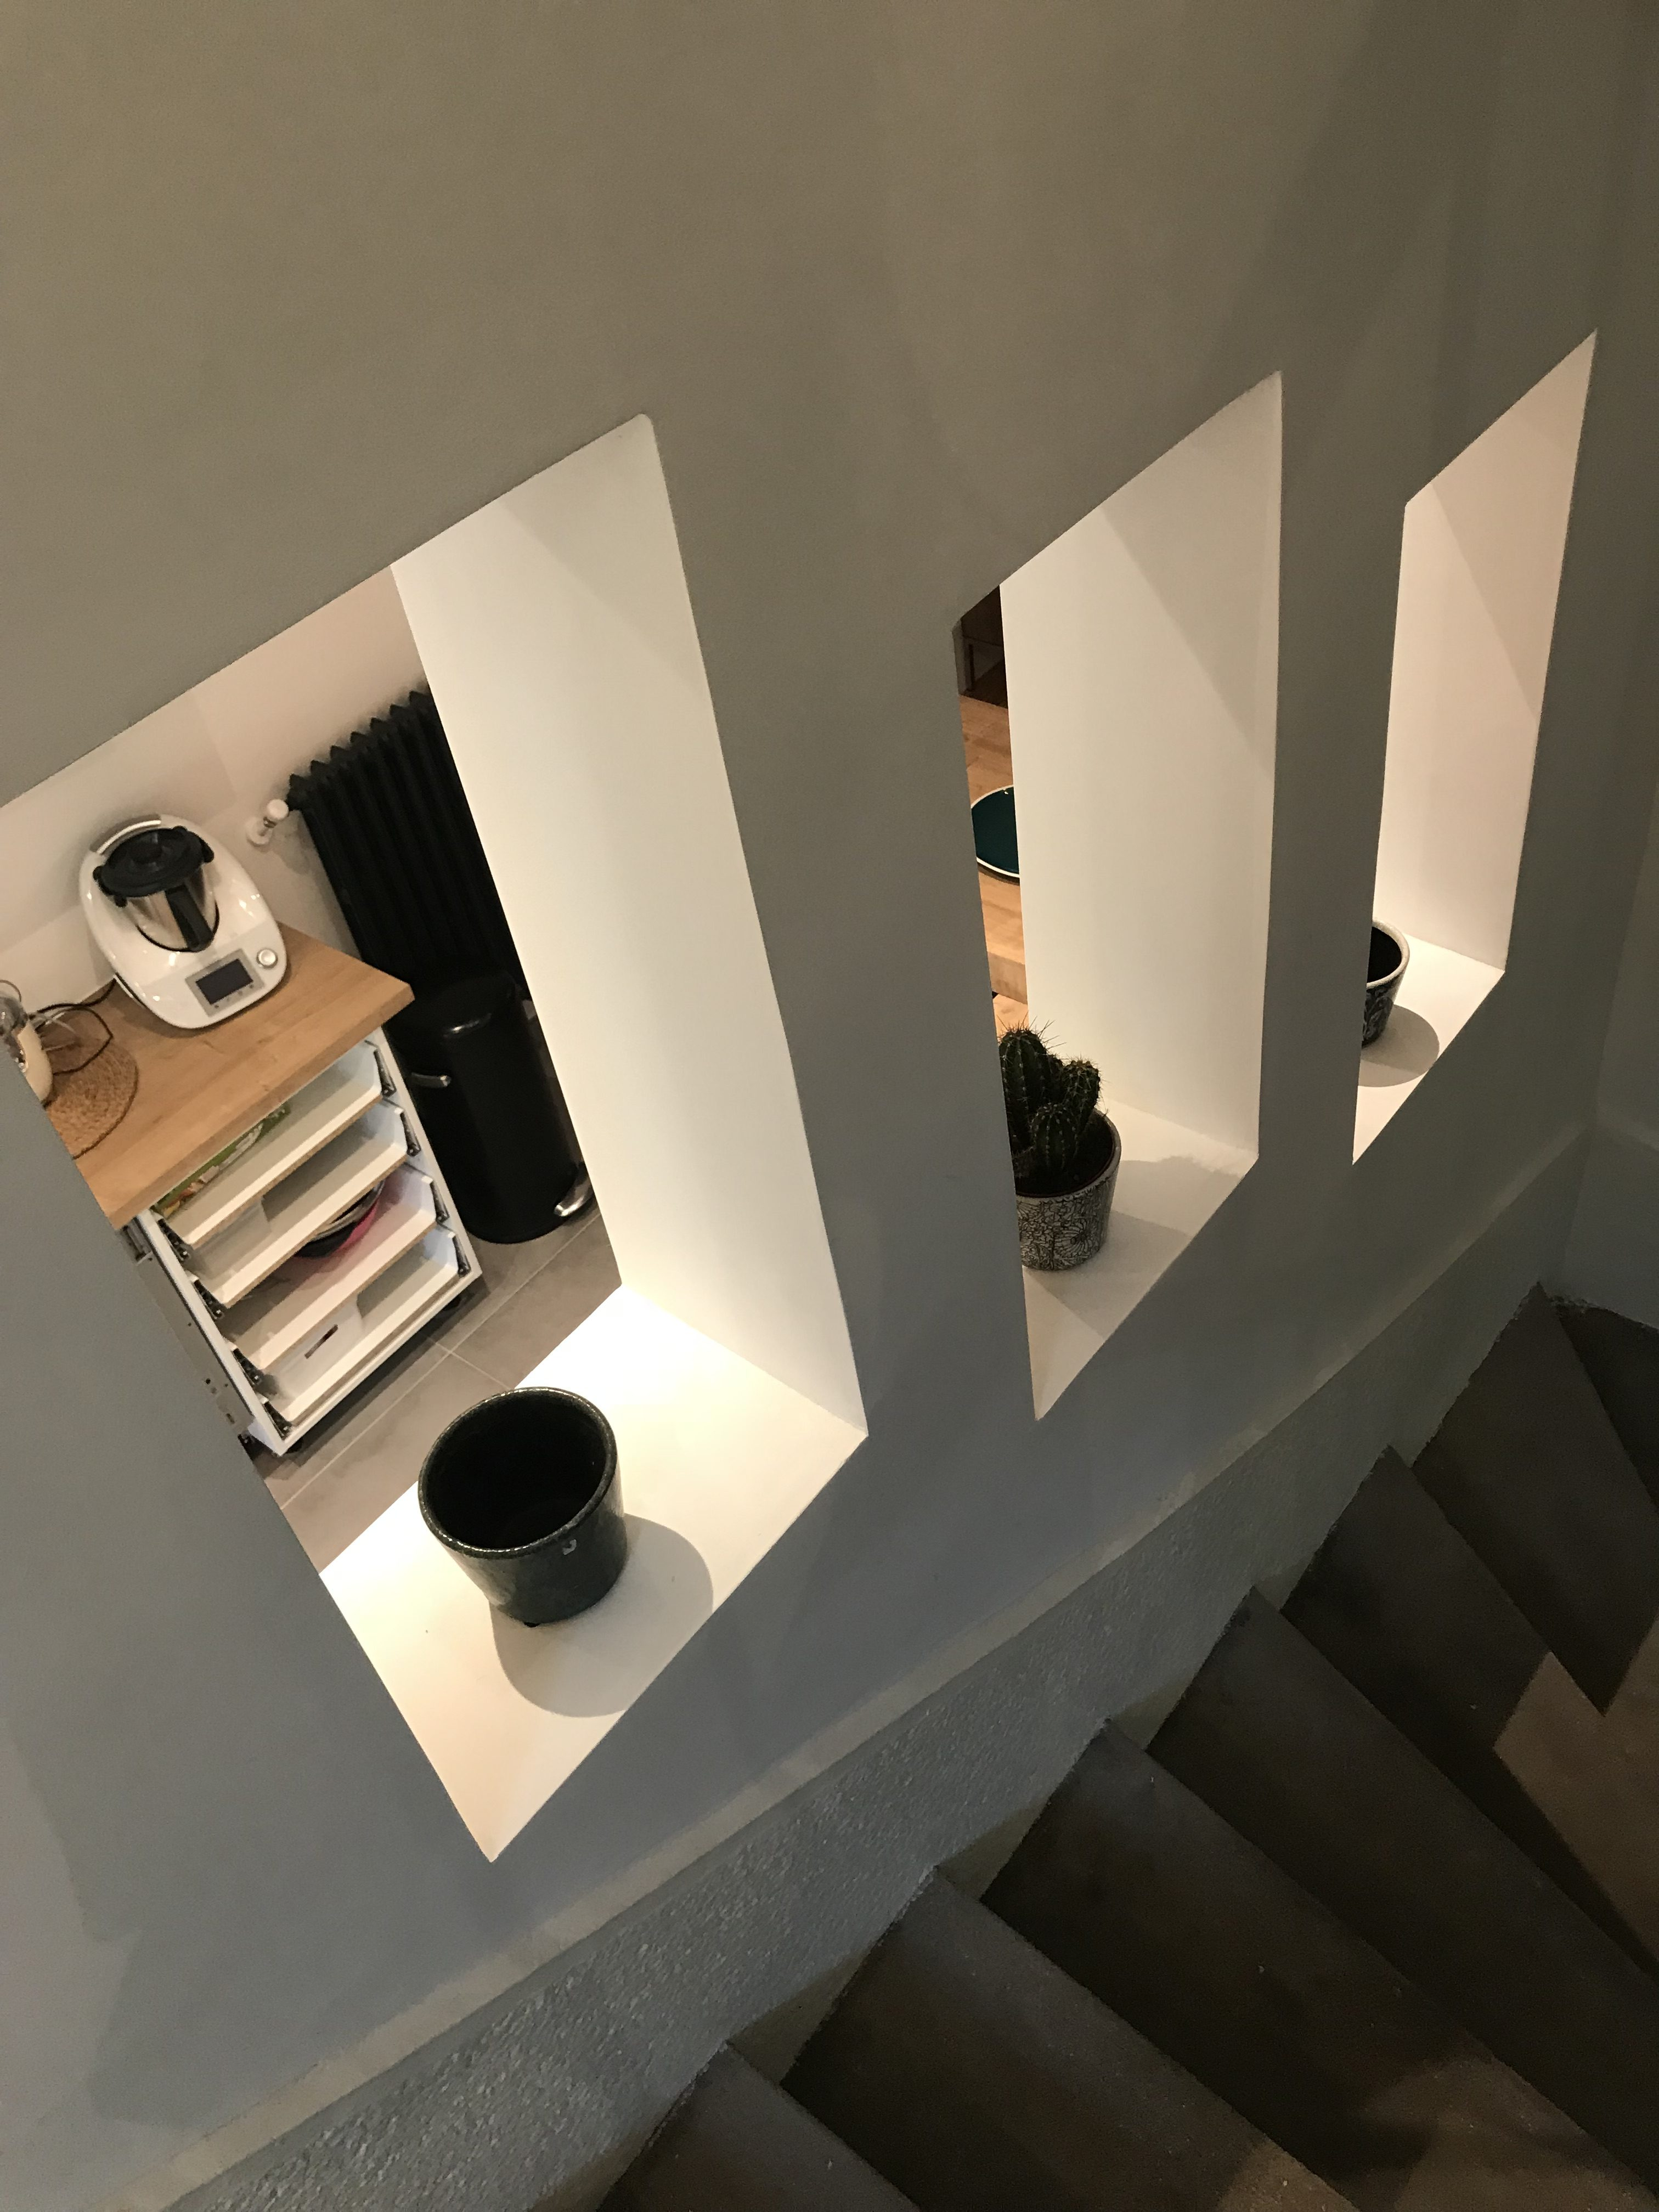 Escalier | Maison Rétro-Chic